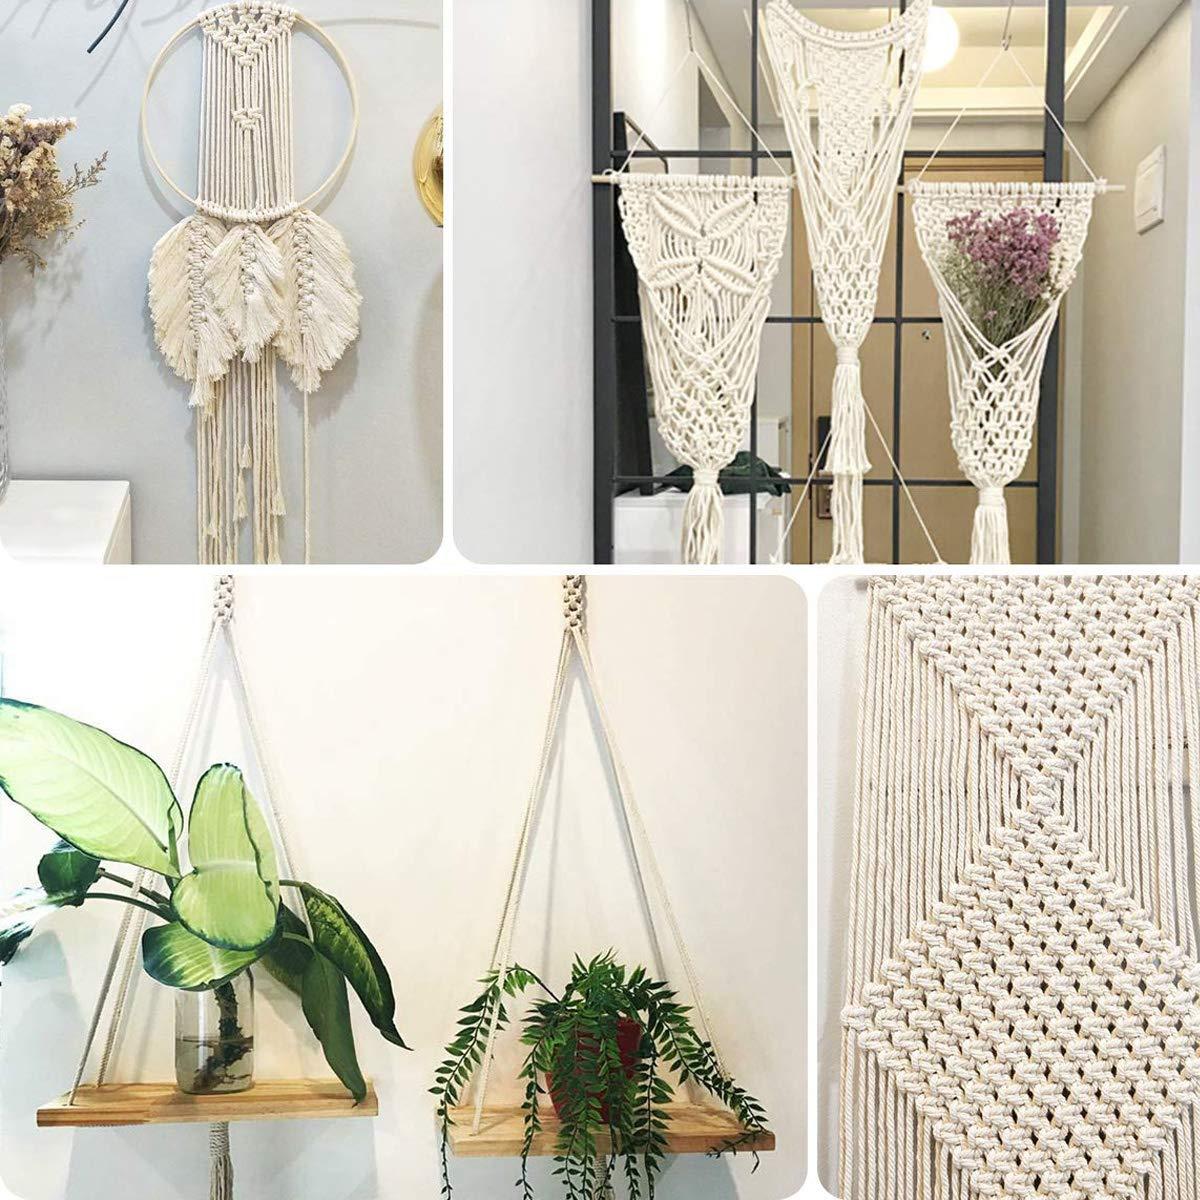 regalos para colgar plantas en el hogar color beige 4MM x 100Meters Cord/ón de macram/é de 1 mm a 10 mm de di/ámetro cuerda de macram/é de algod/ón resistente para manualidades colgar en la pared